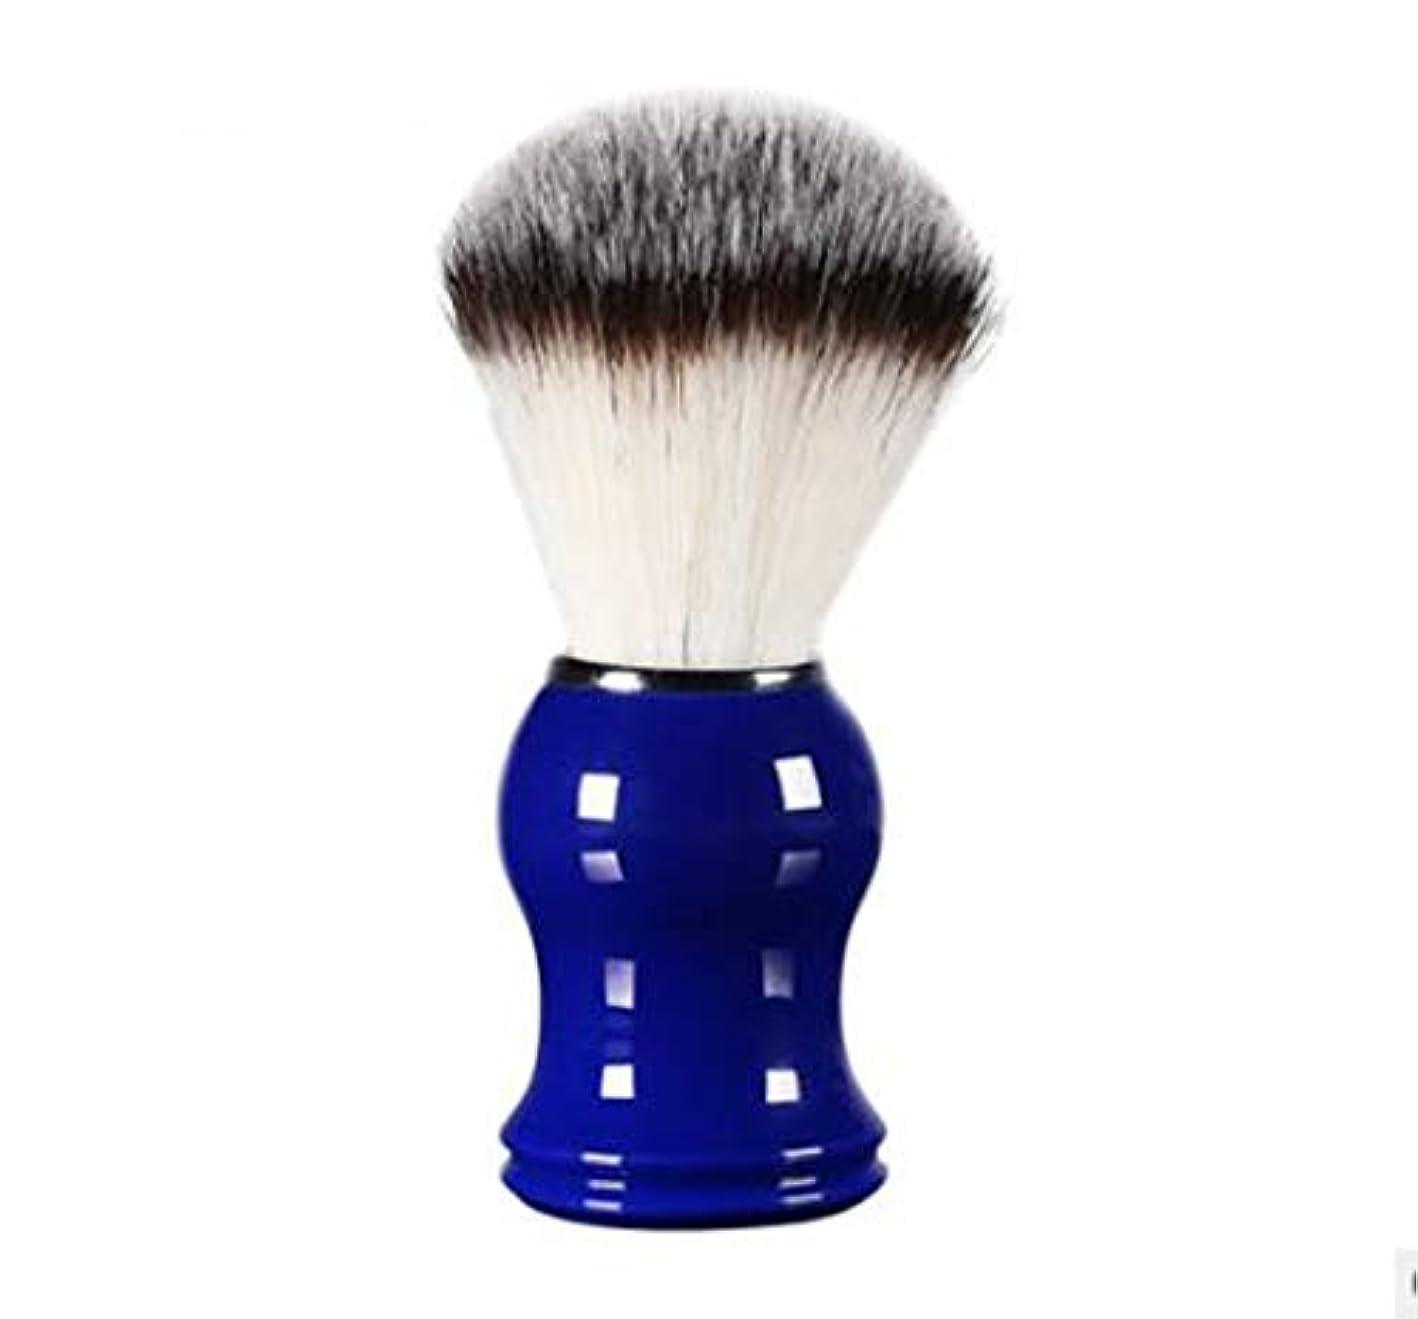 メンズ用 髭剃り シェービング ブラシ 男性 ギフト理容 洗顔 100% Pure Badger Shaving Brush (ブルー)